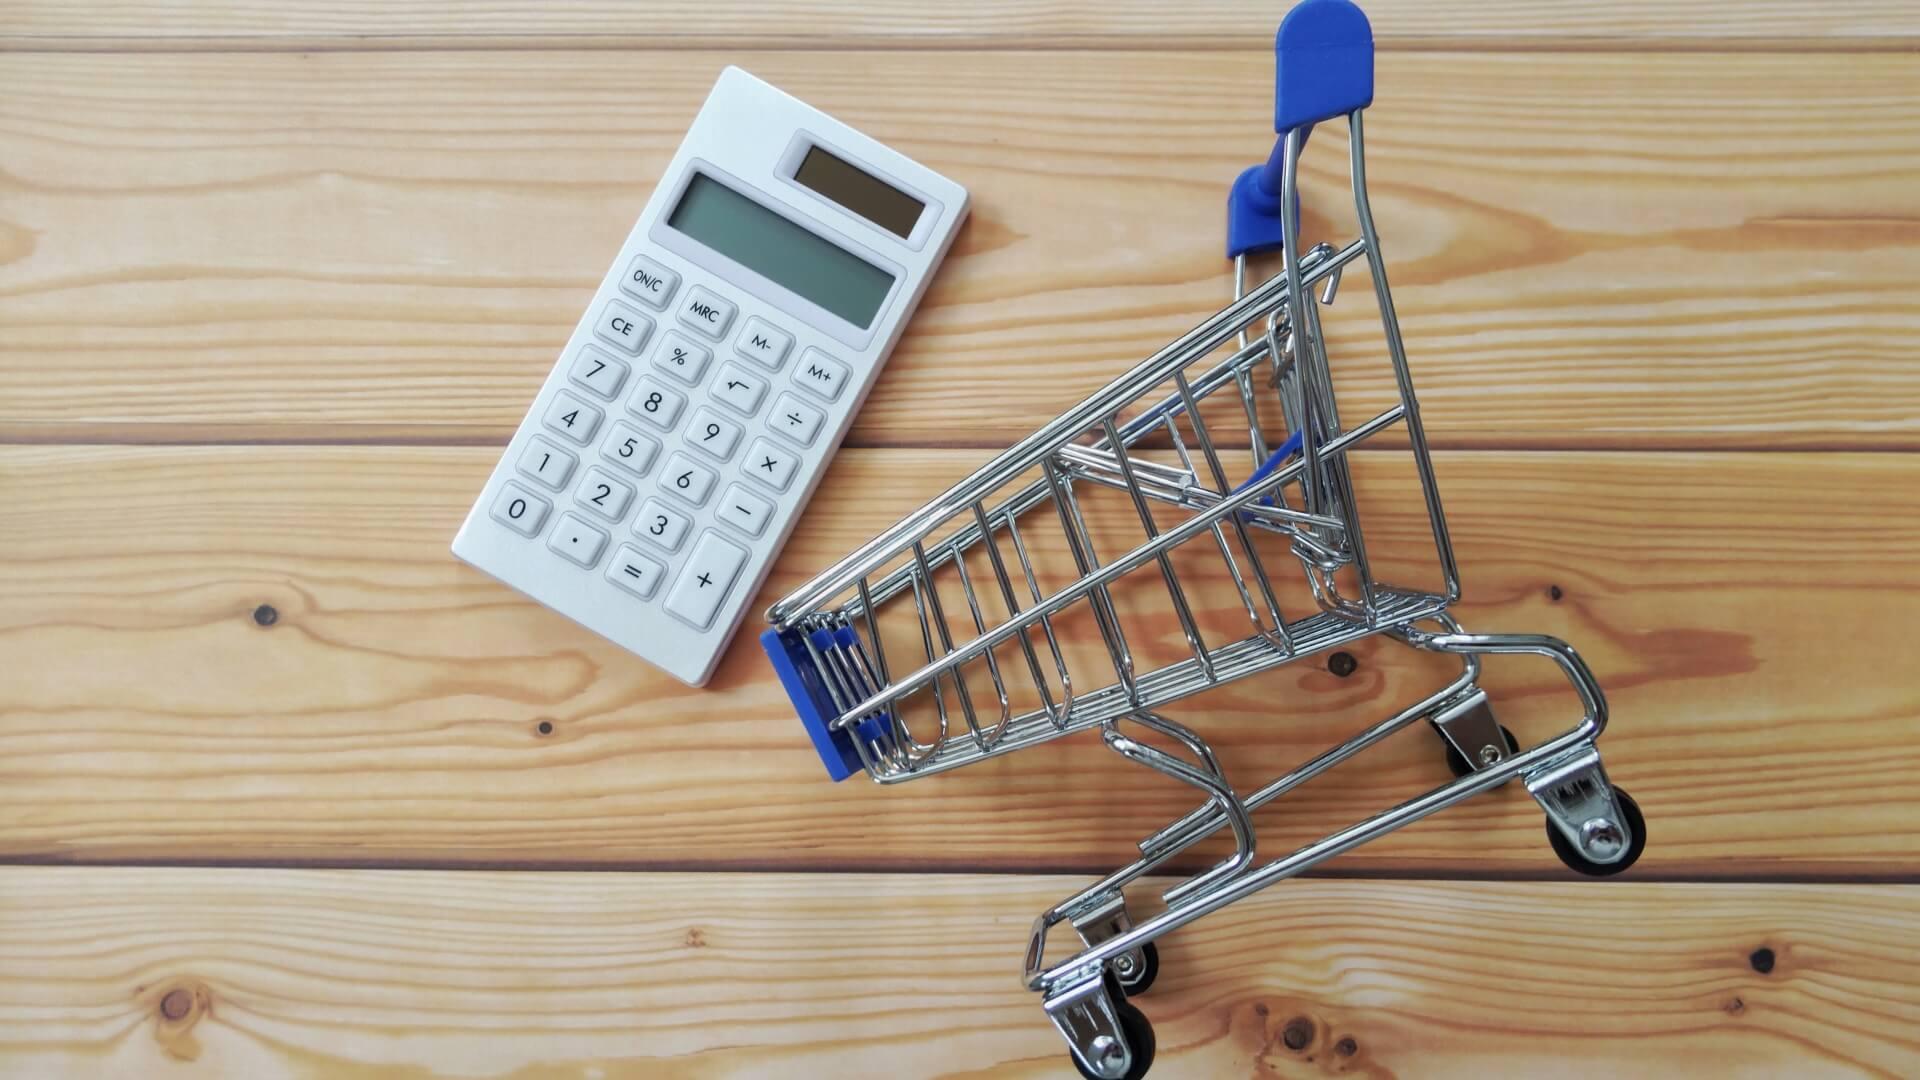 計算機とショッピングカートの画像